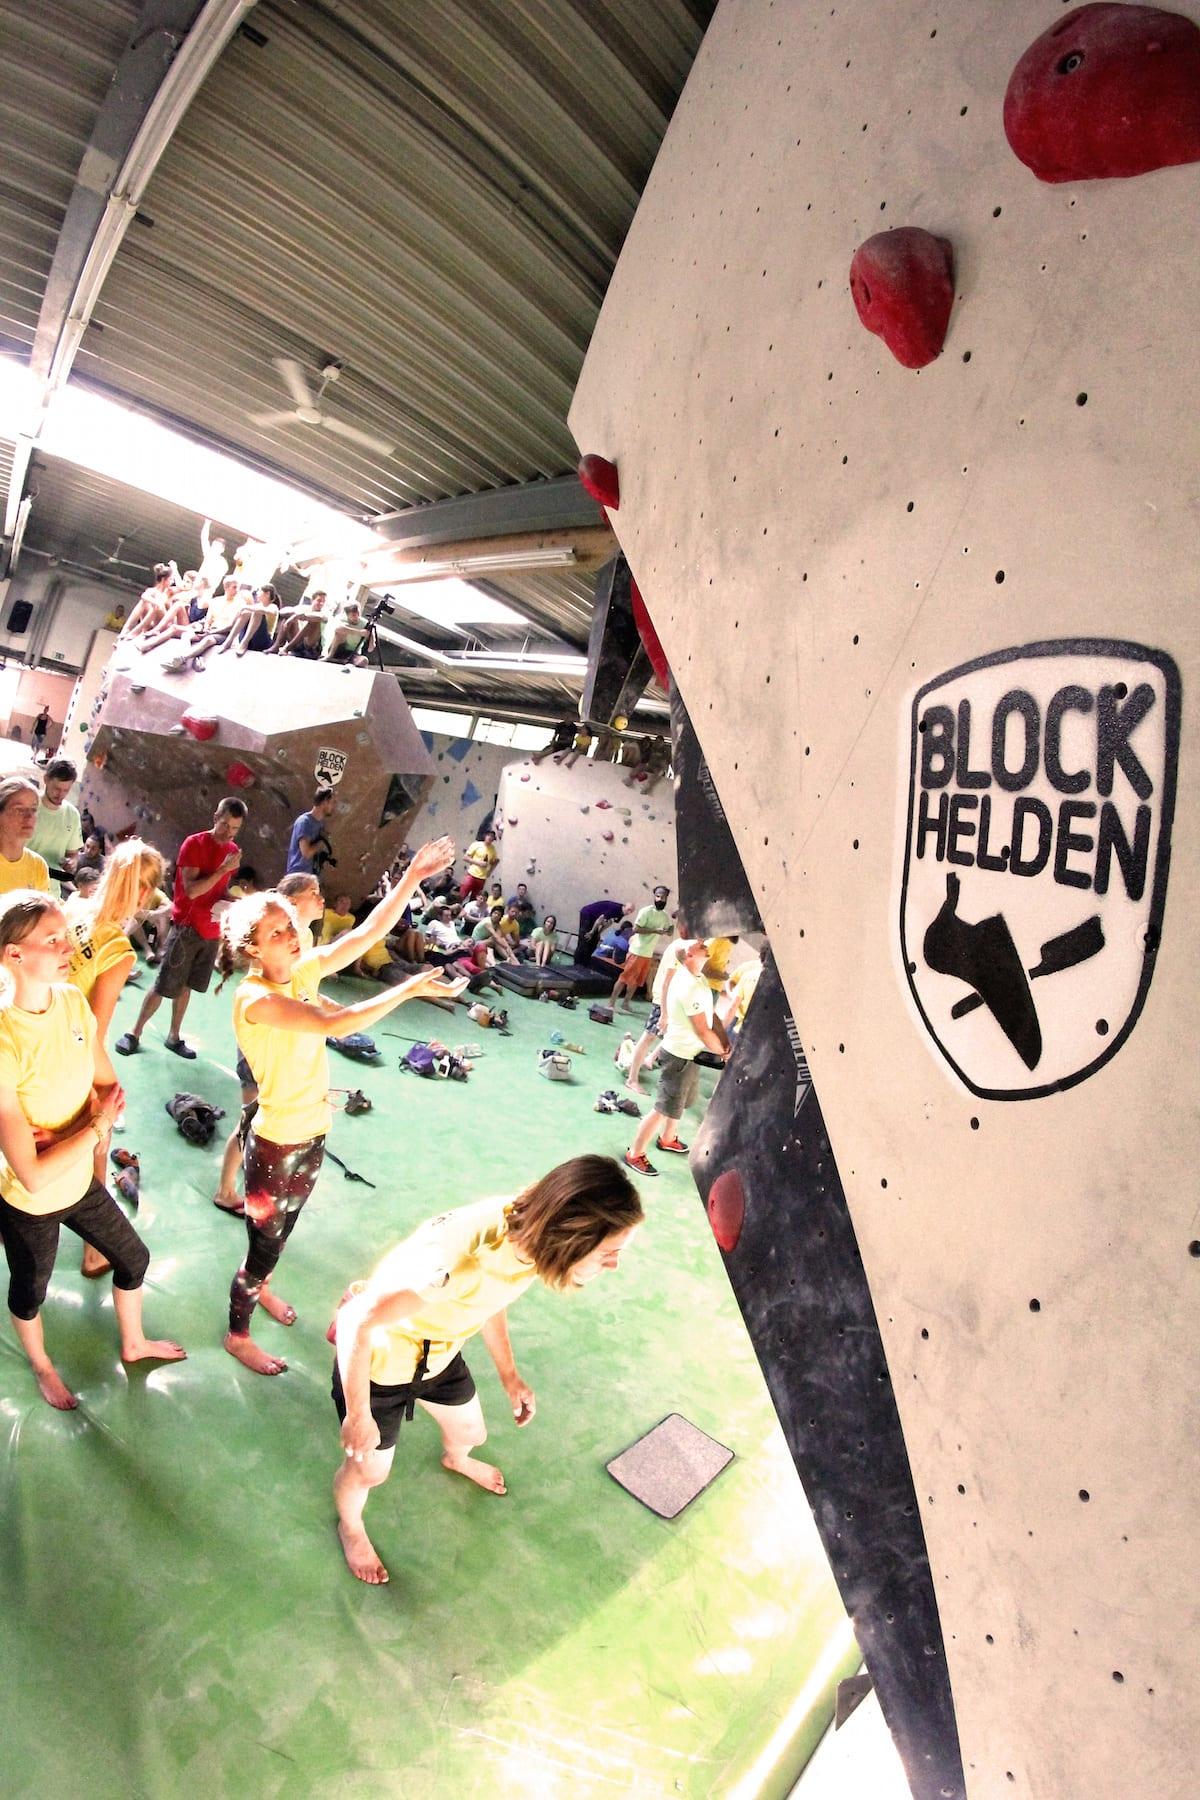 BLOCKHELDEN Erlangen bouldercup Frankenjura 201507112015086